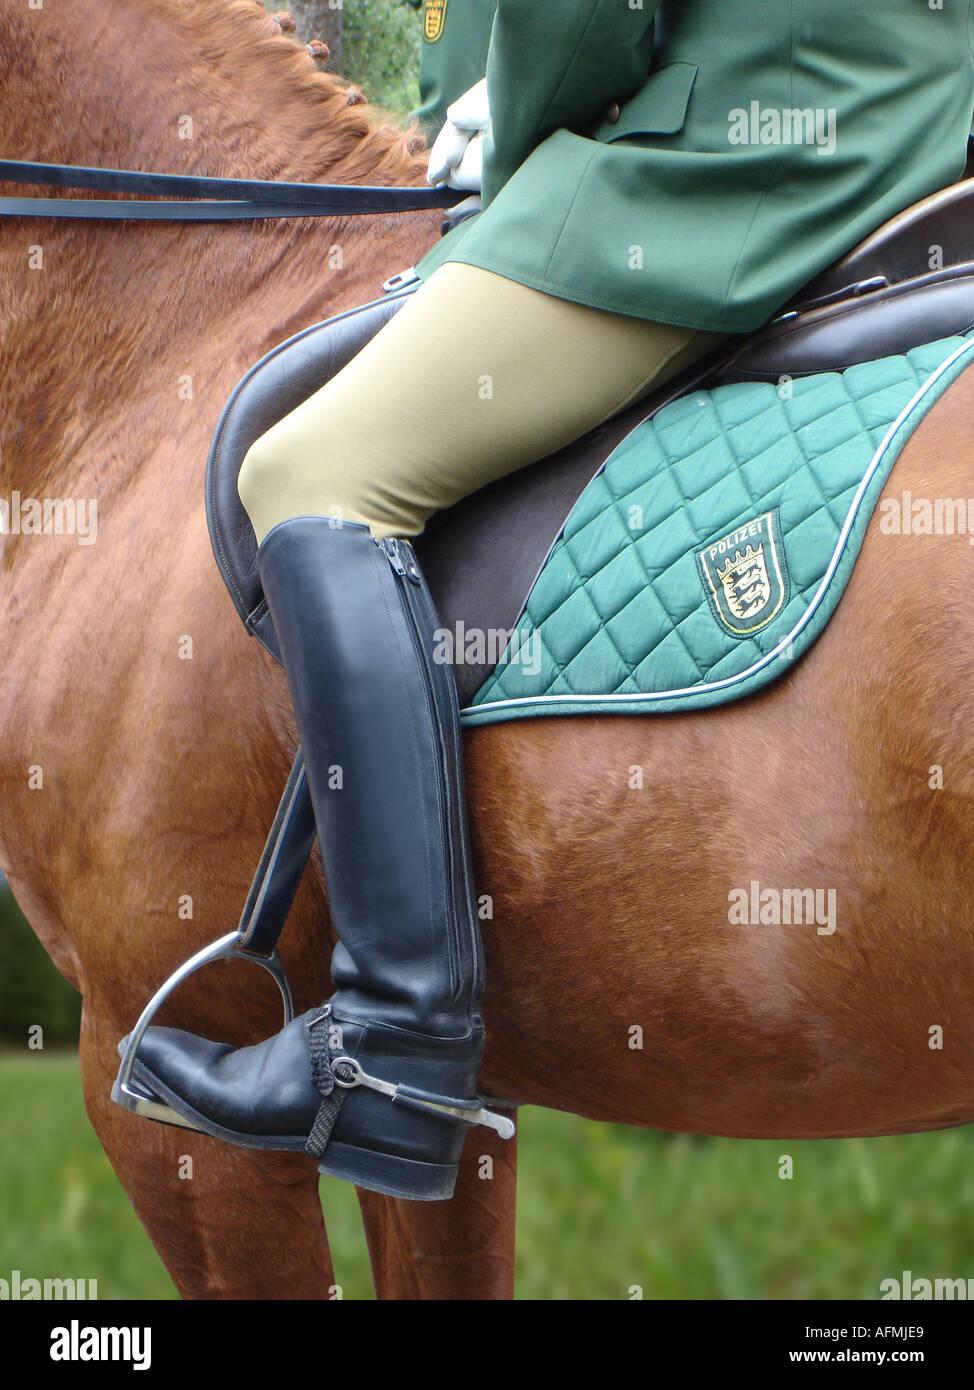 Police officer on horse Polizeibeamter auf Pferd - Stock Image